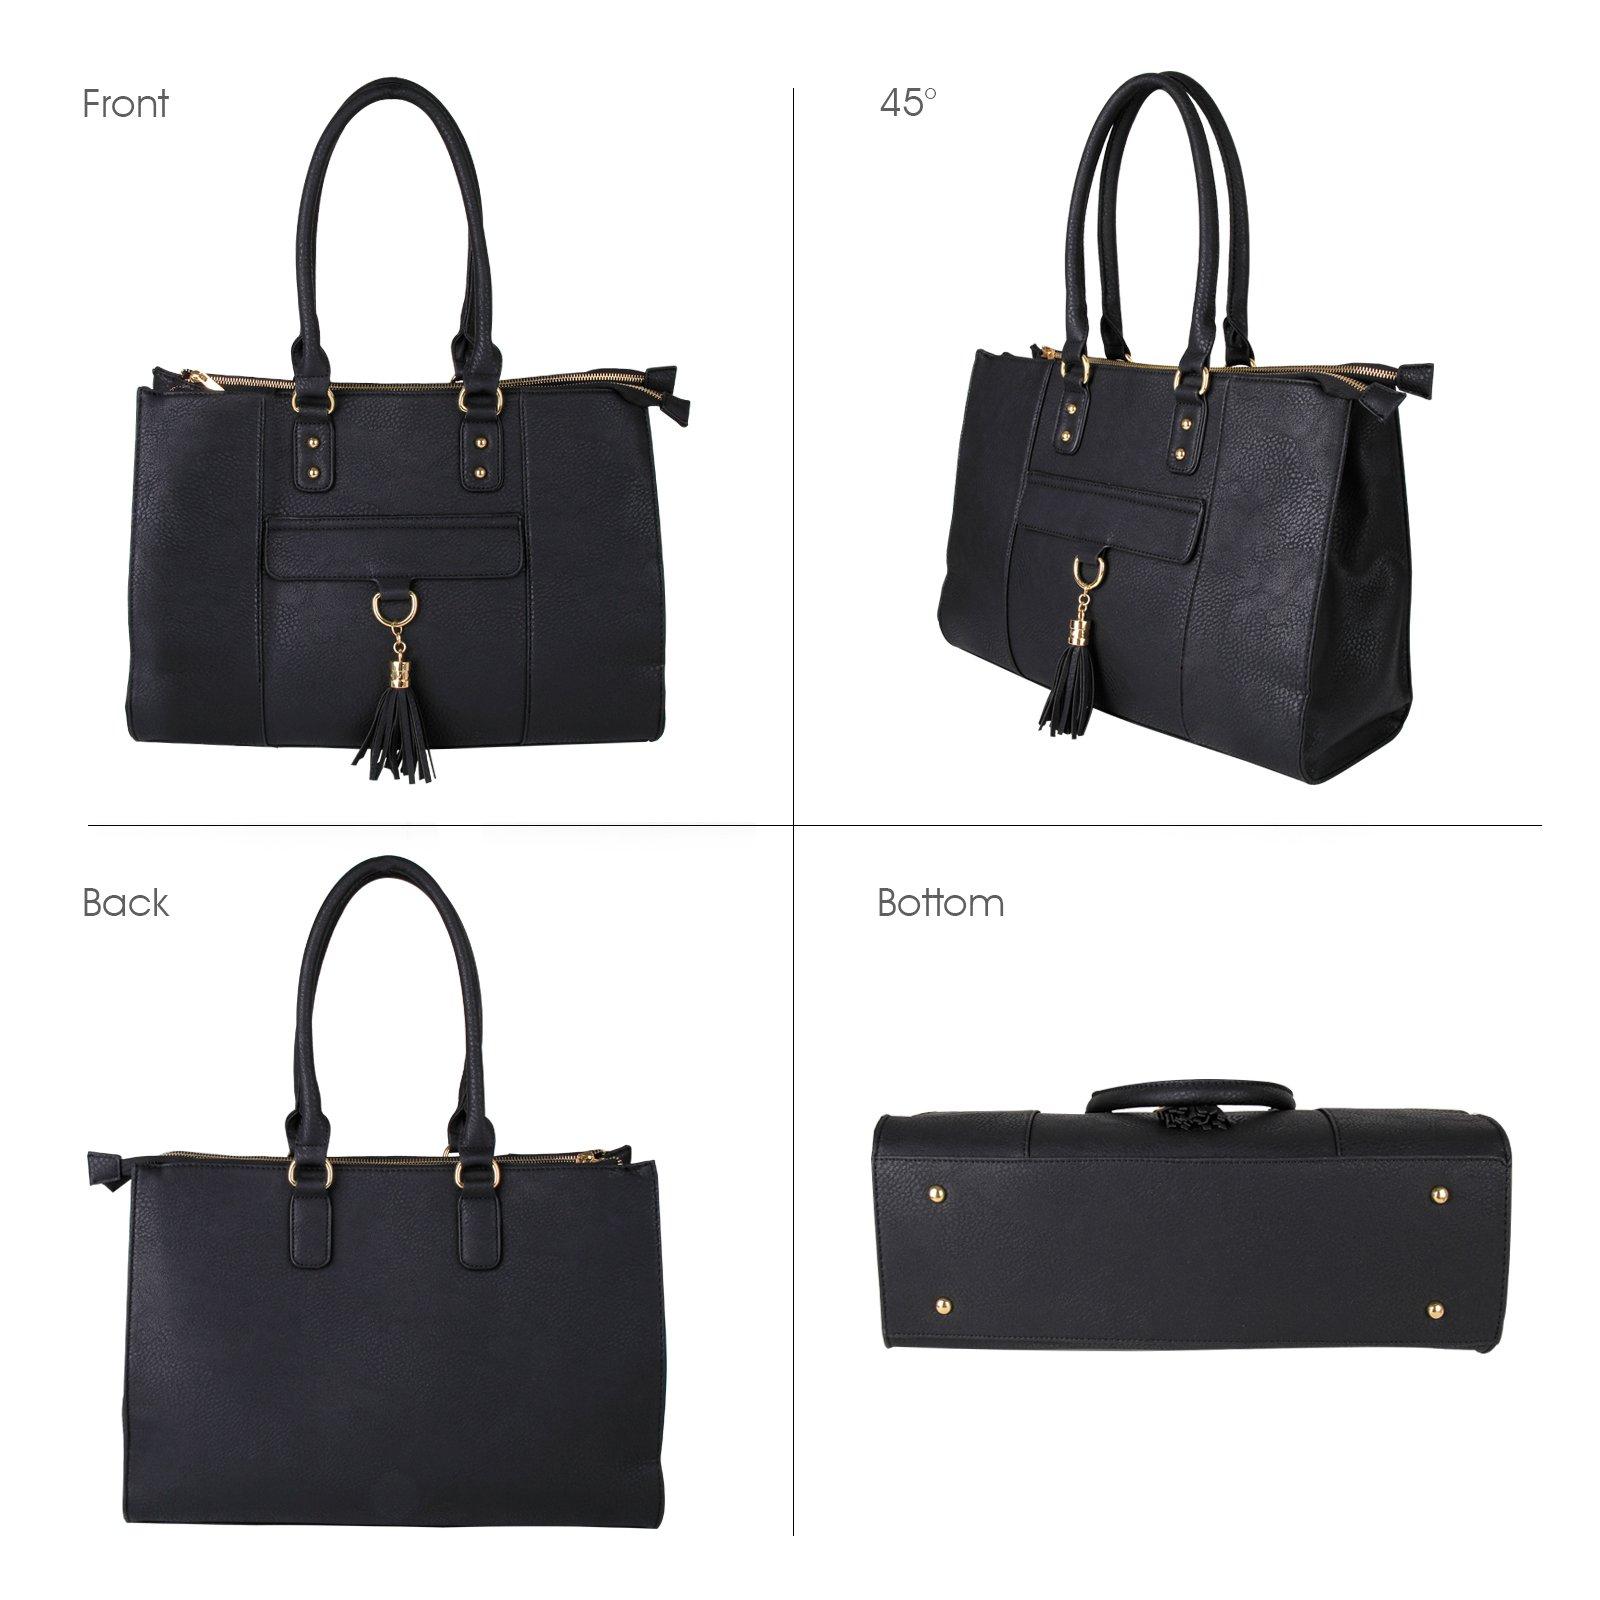 Eva & Evan 2018 New Women Satchel Handbags Shoulder Bag with Tassels Top Handle Large PU Leather Adjustable Strap Black by BAYTTER (Image #5)